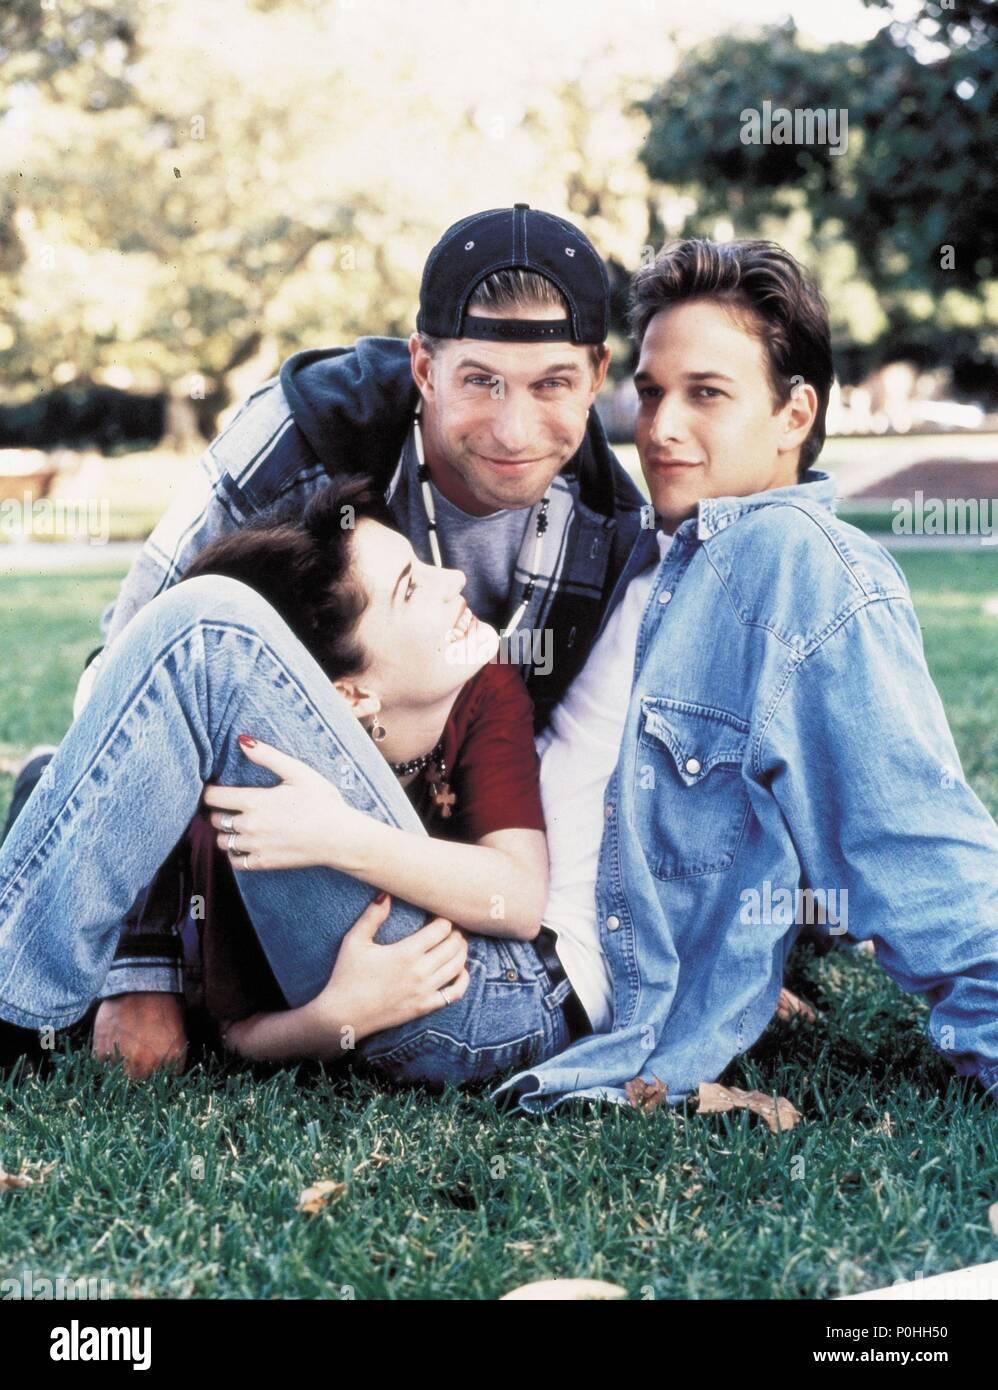 Josh charles threesome perhaps shall